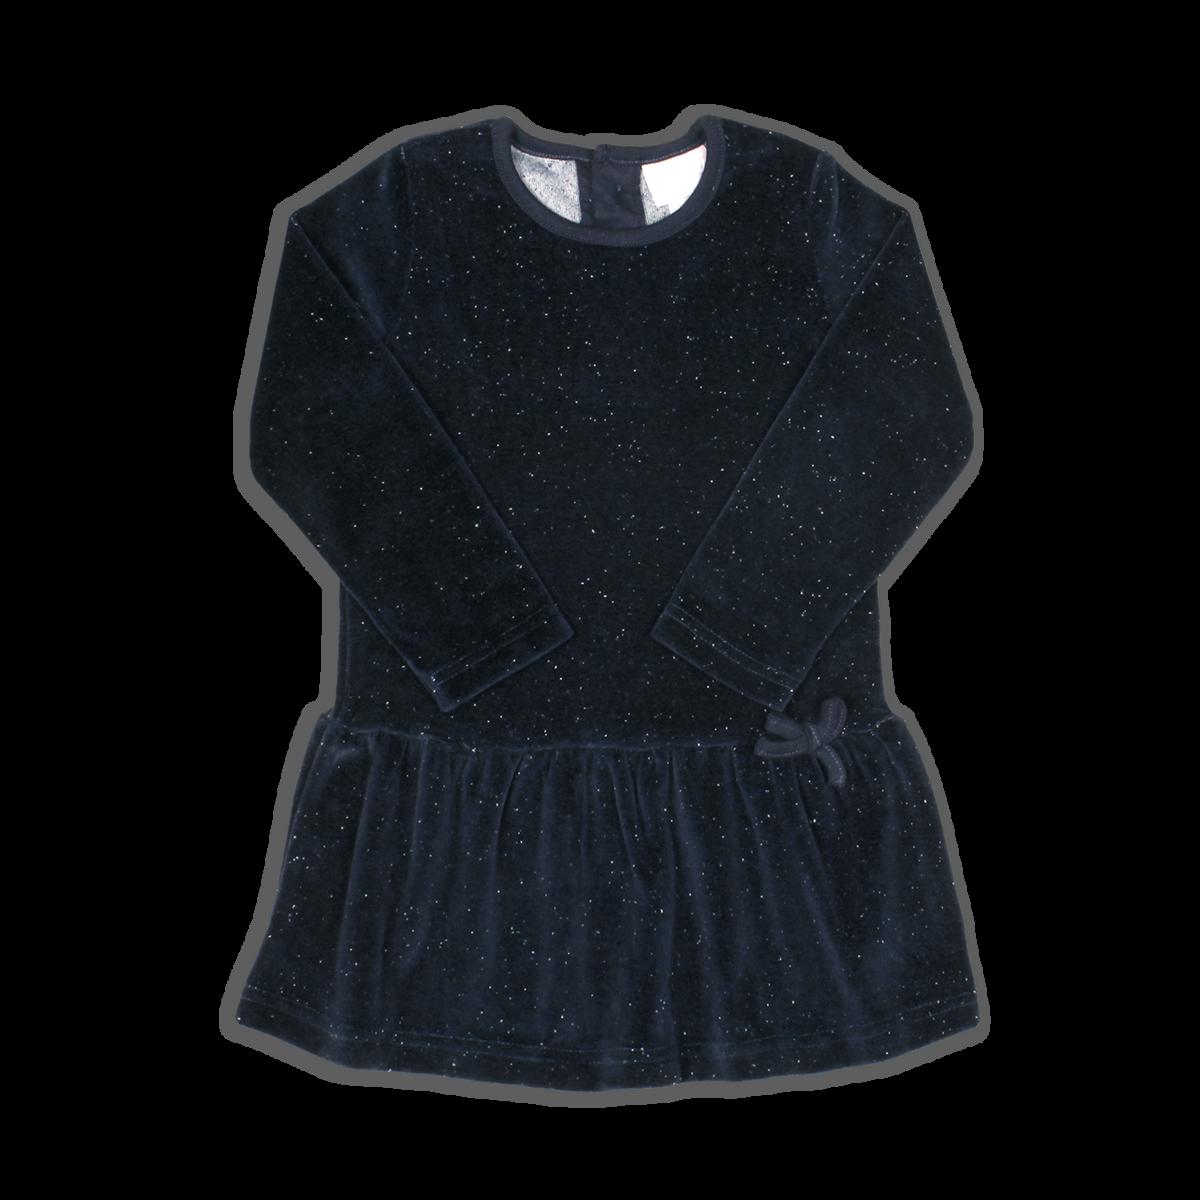 Coccoli Velour | Dress | 2y-10y | 44705K-189